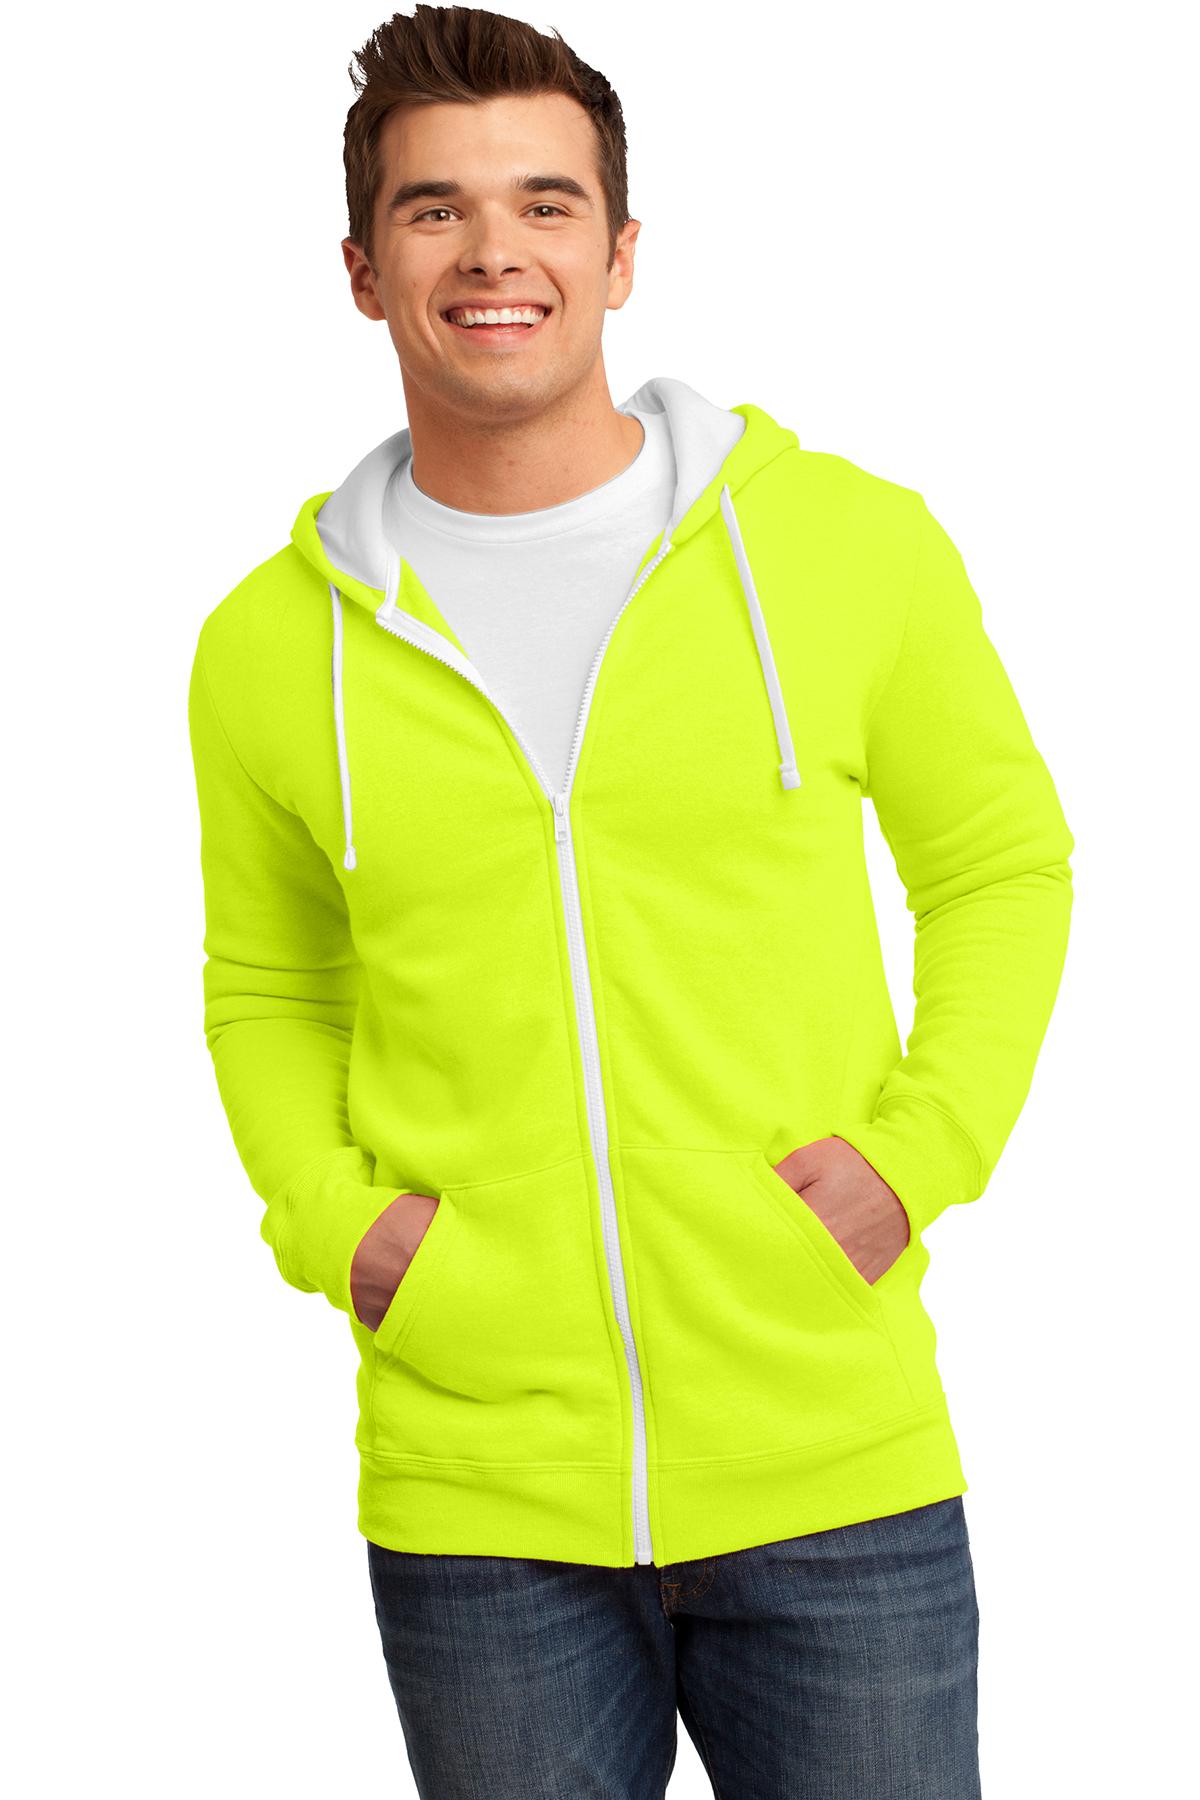 bb4406e66 District ® The Concert Fleece ® Full-Zip Hoodie   Hoodie   Sweatshirts ...